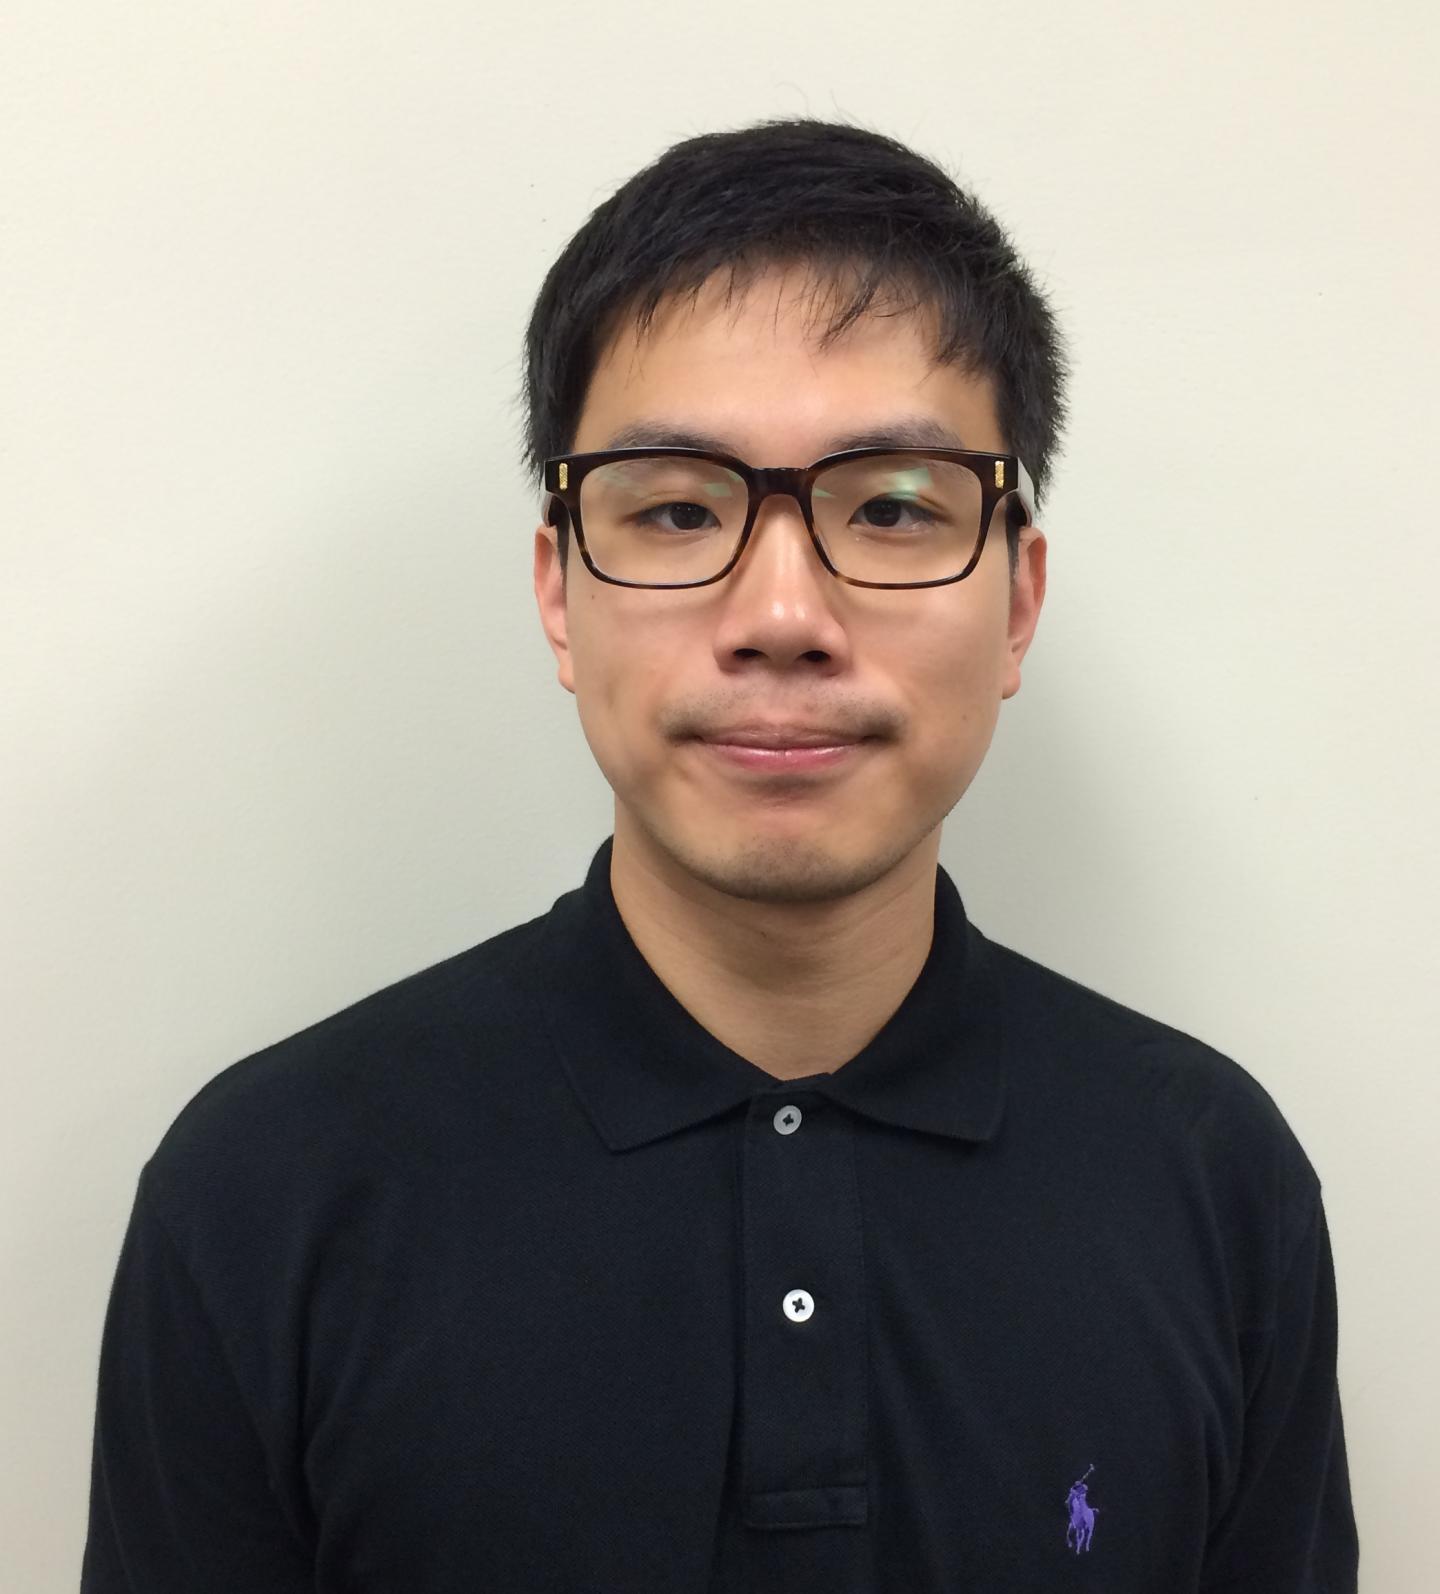 Dongqing Zheng, University of Southern California